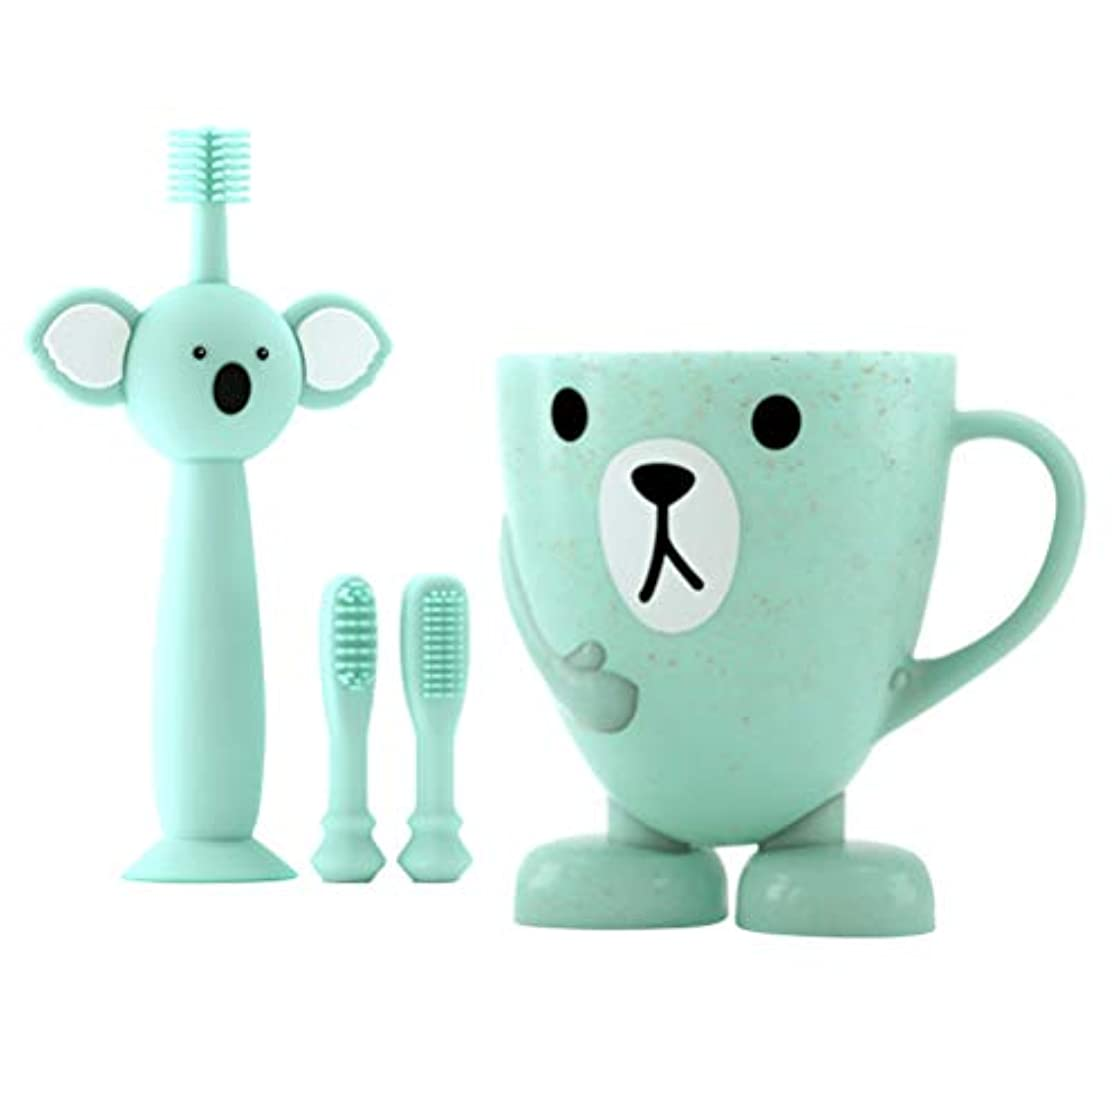 信頼性ラベル使用法TOYANDONA 赤ちゃんの歯のクリーニングセット幼児シリコン歯ブラシ2個付き交換用ブラシヘ??ッドカップ4個